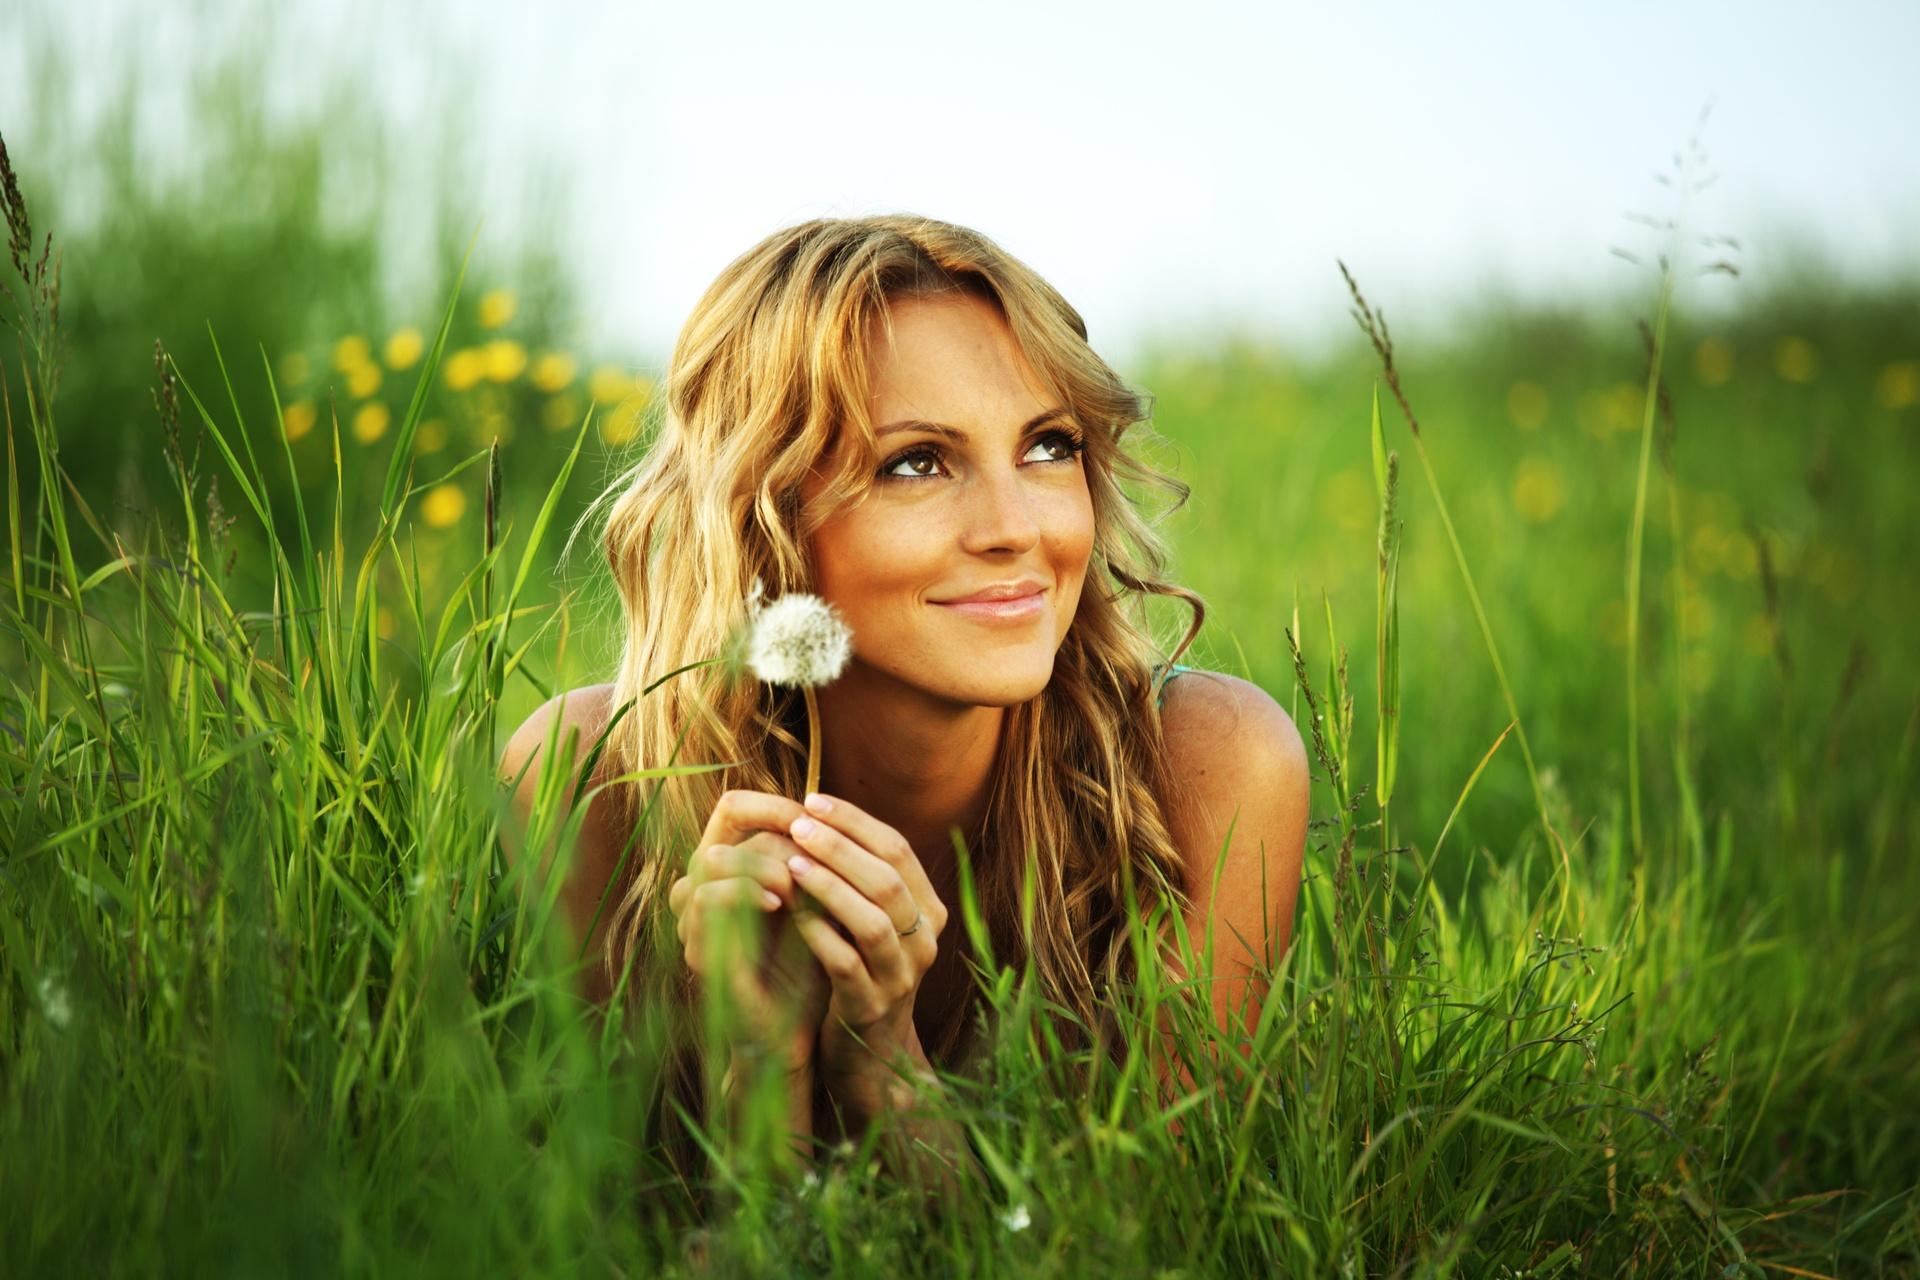 девушки красивые фото людей на природе информация над